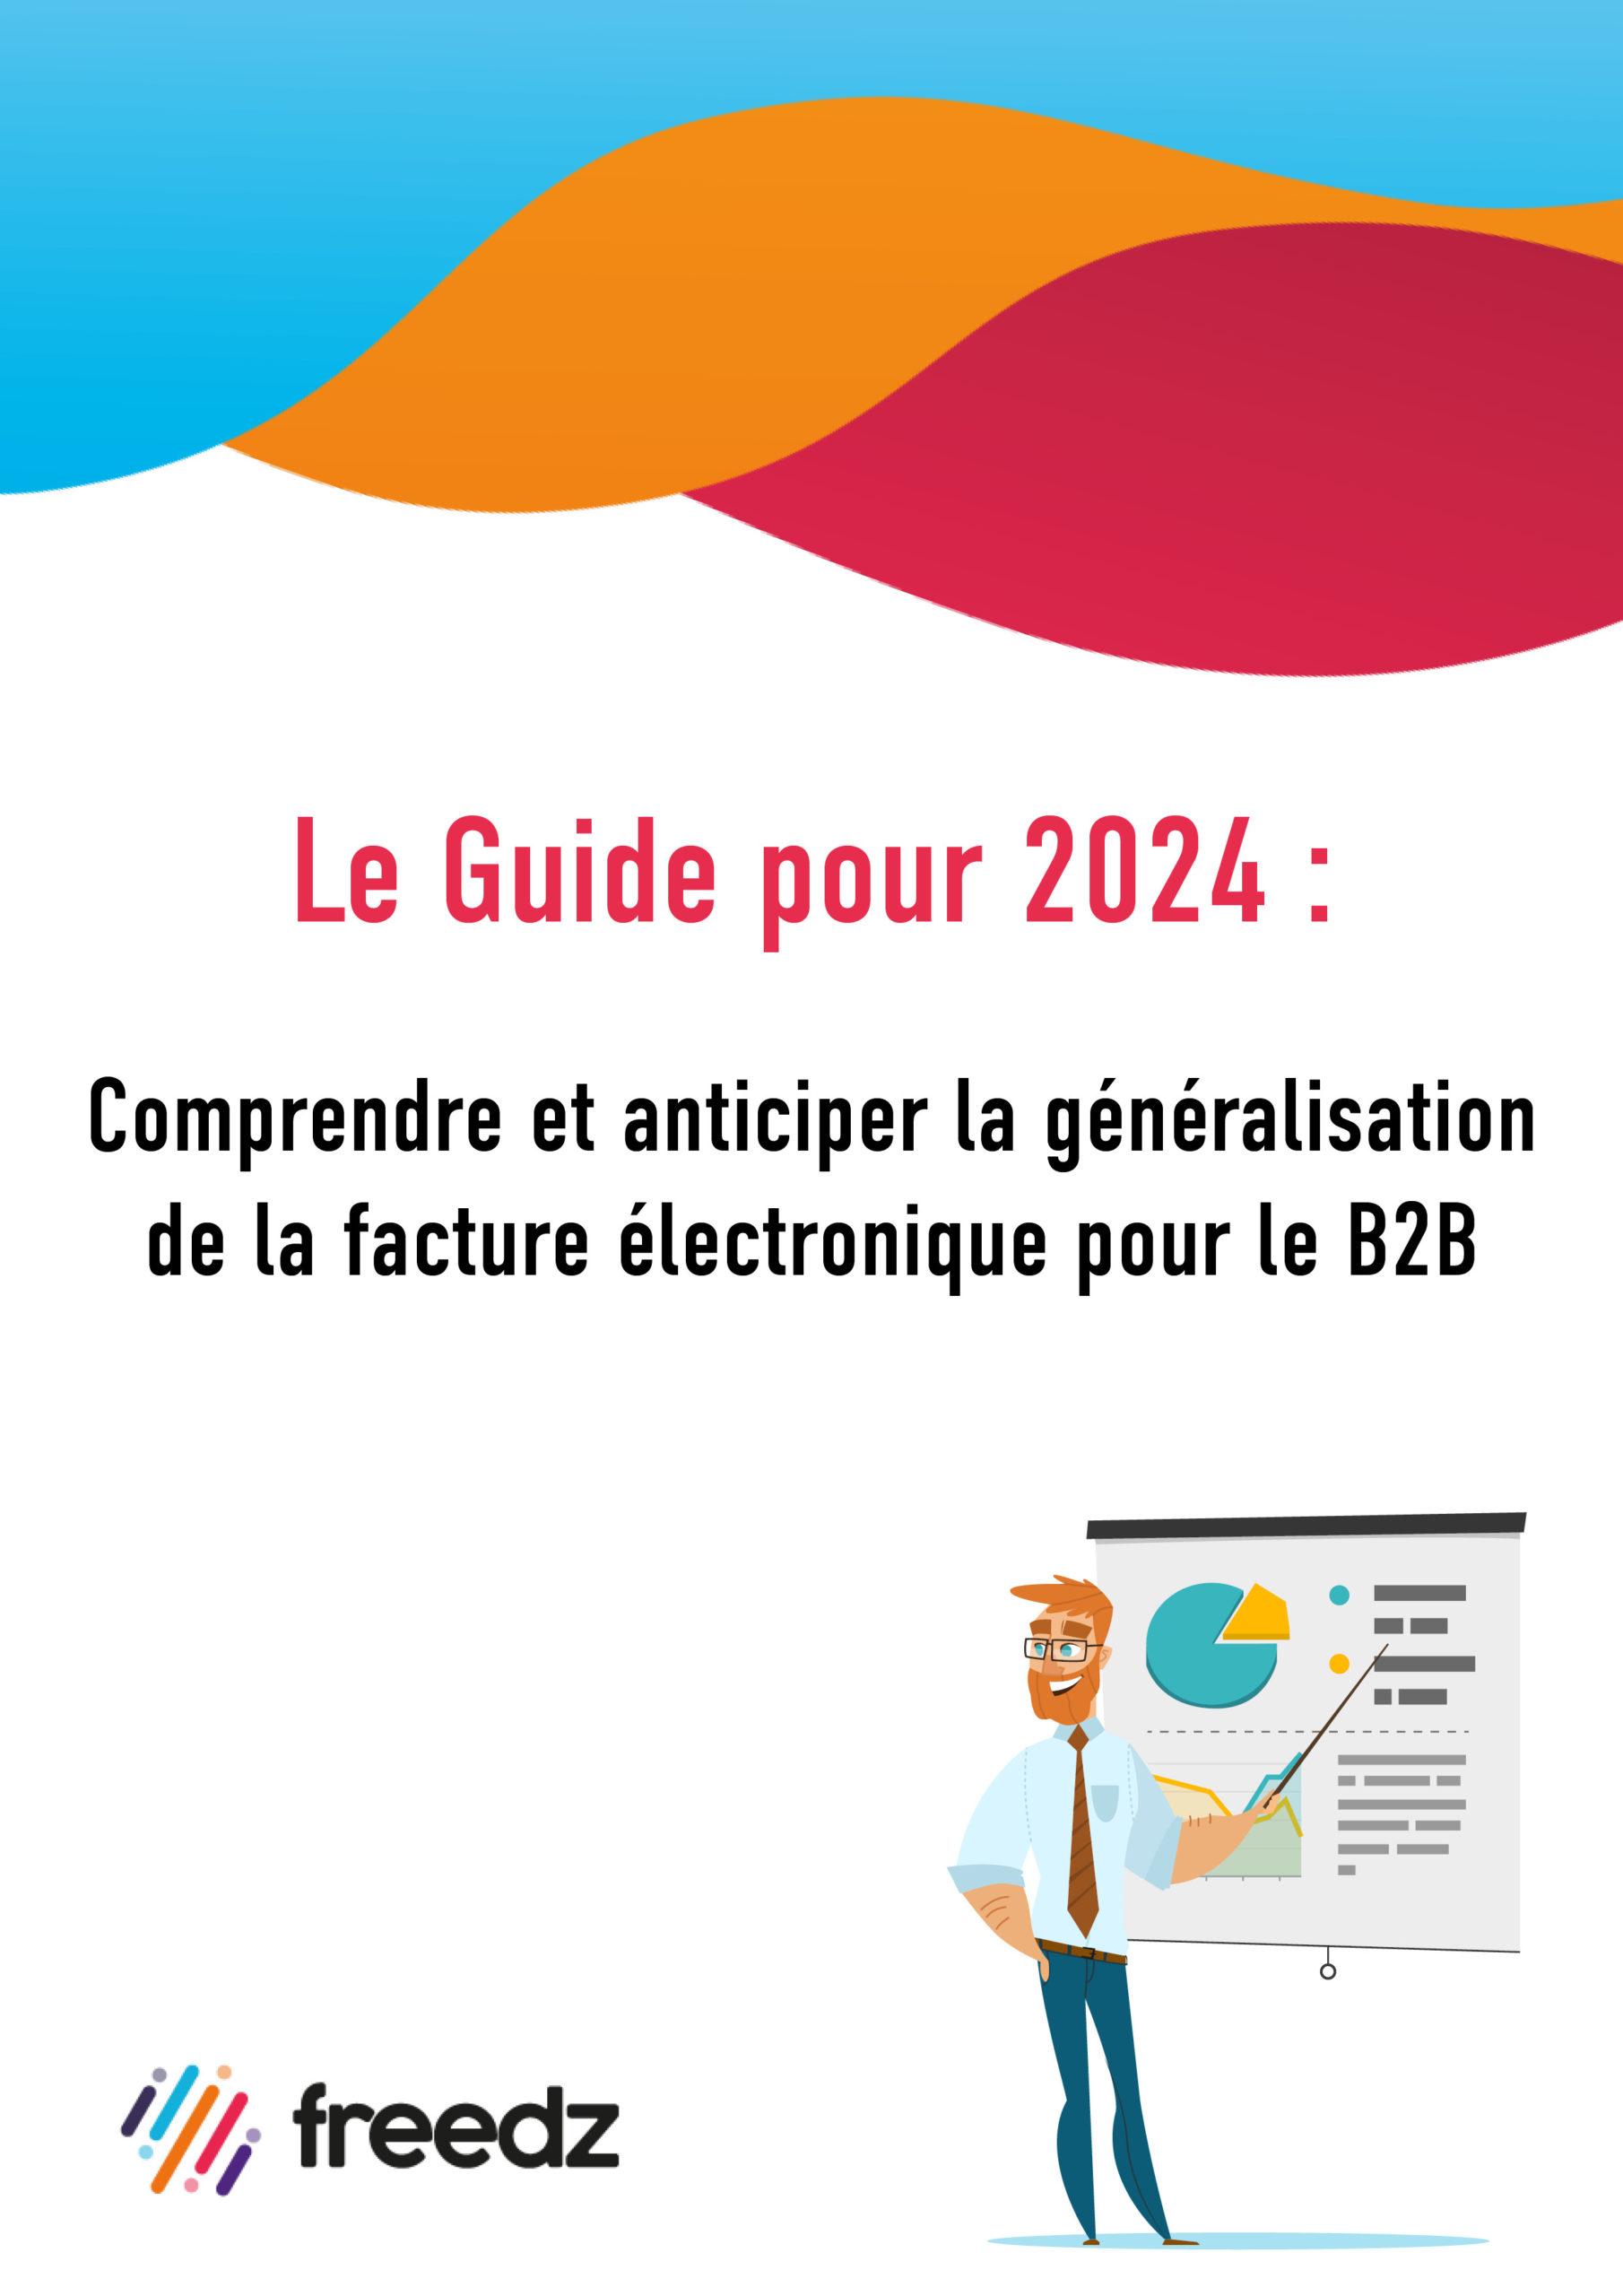 Le guide pour comprendre et anticiper la généralisation de la facture électronique en 2024